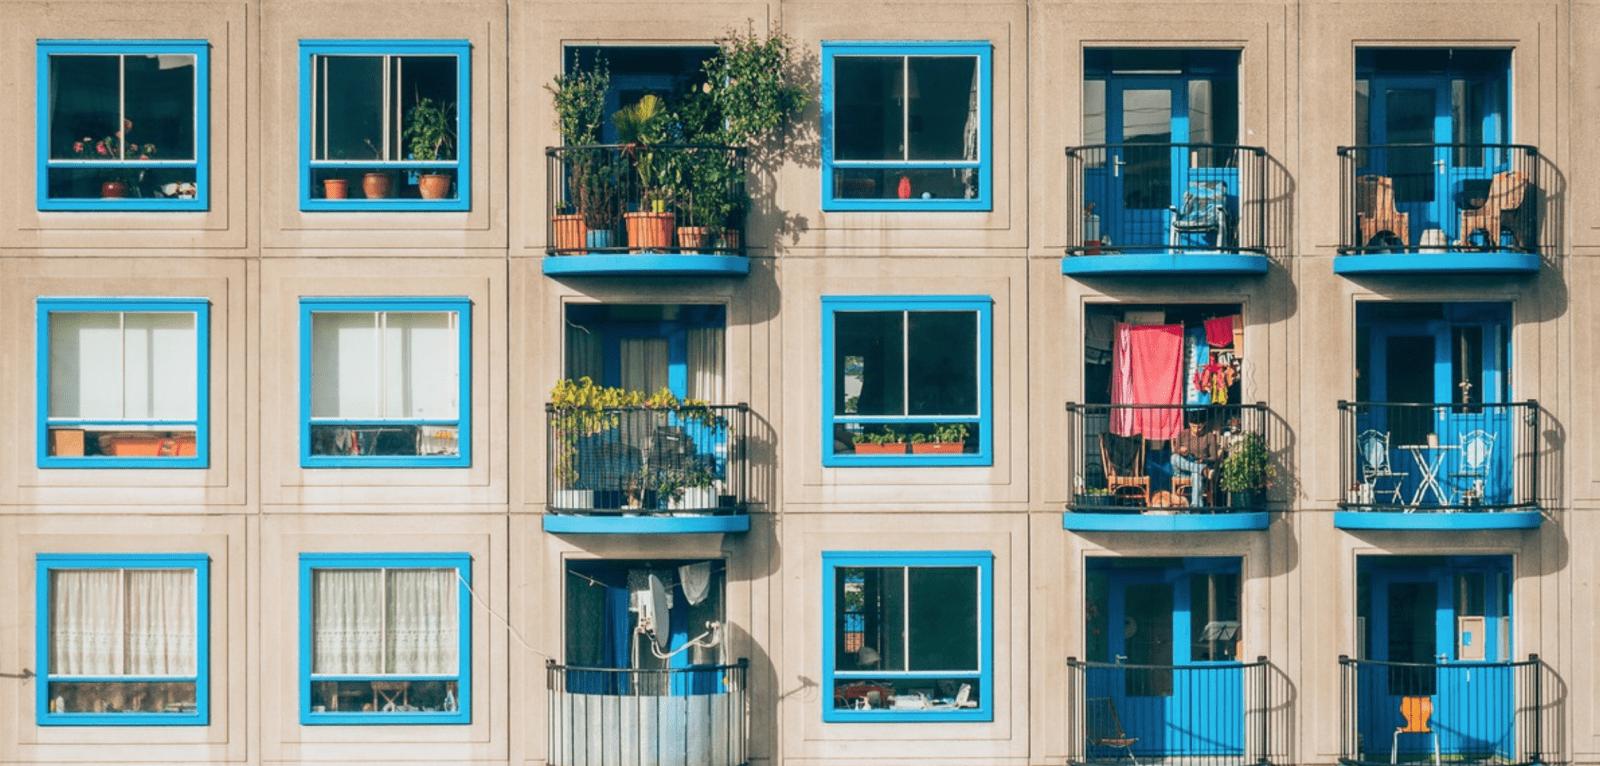 Prédio verde: por que esse tipo de construção é uma tendência?